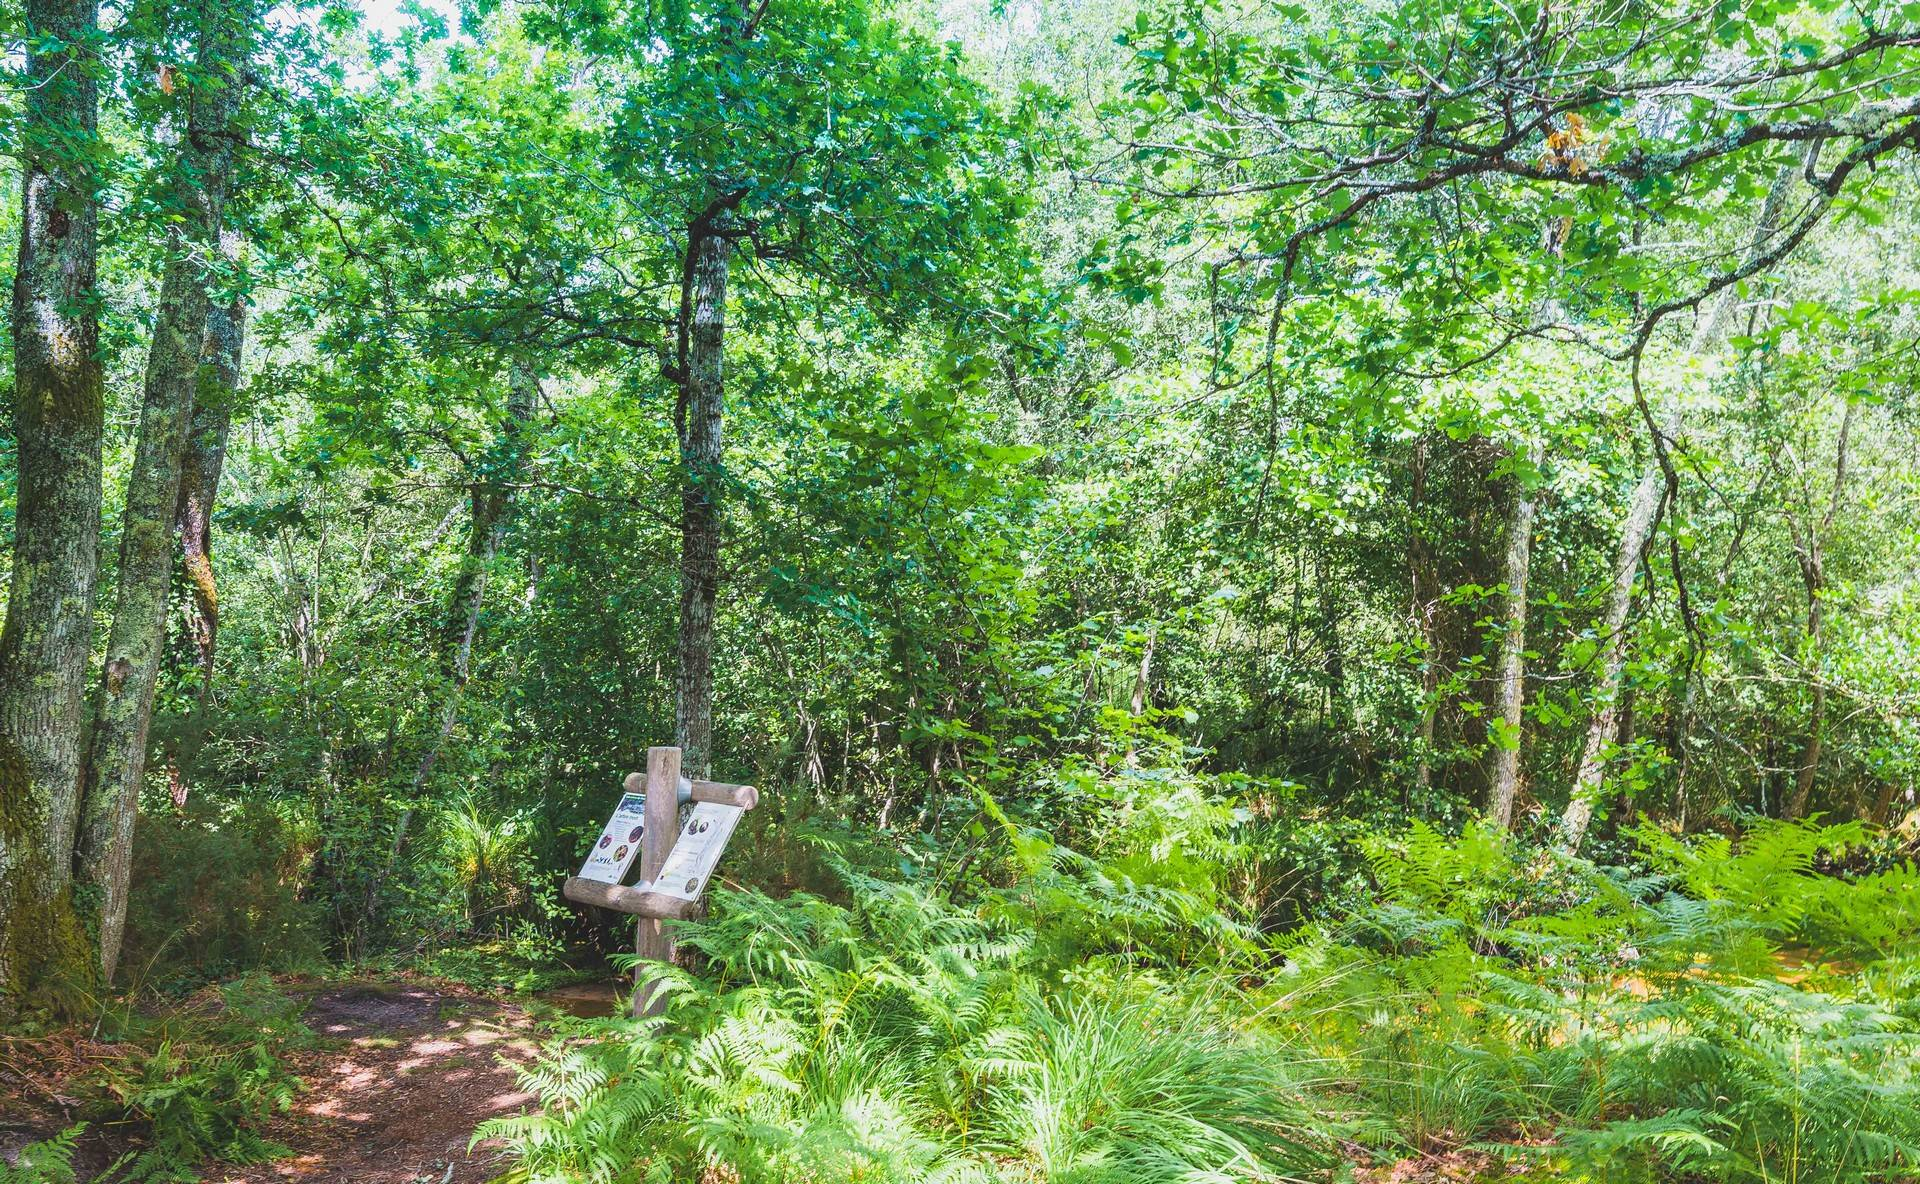 Photo 1: Une balade à l'arboretum d'Ychoux